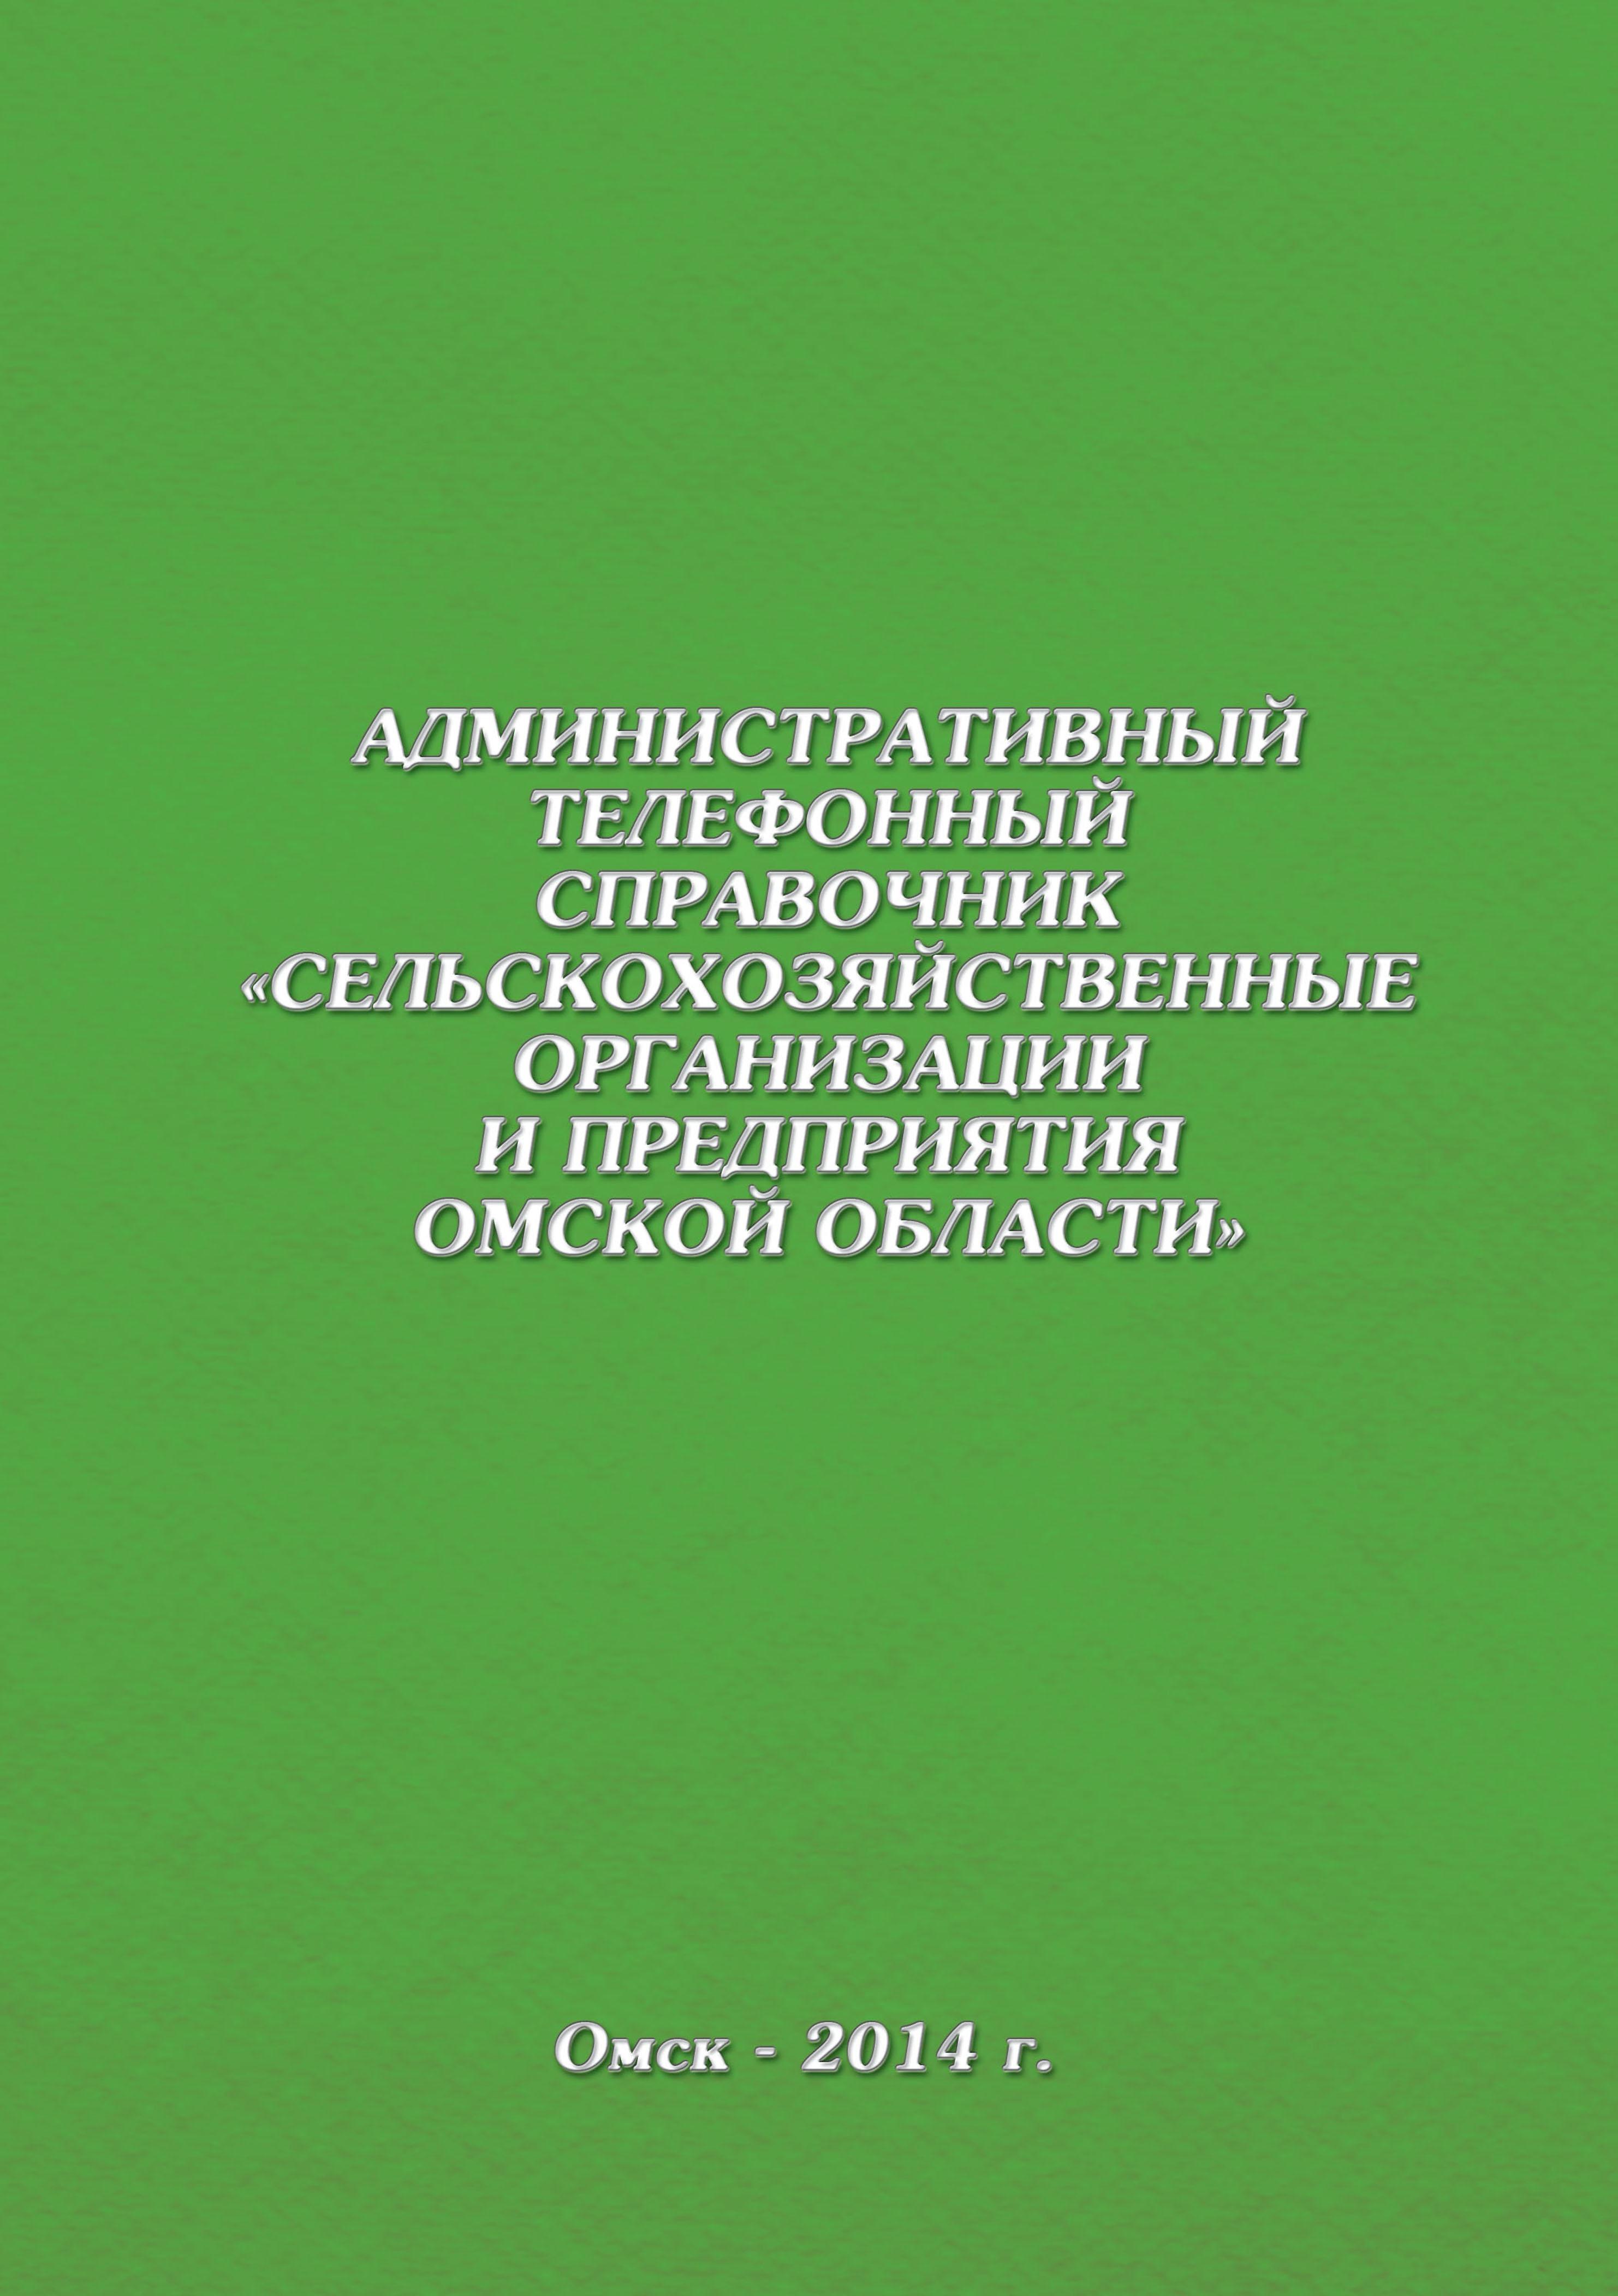 Справочник Омск